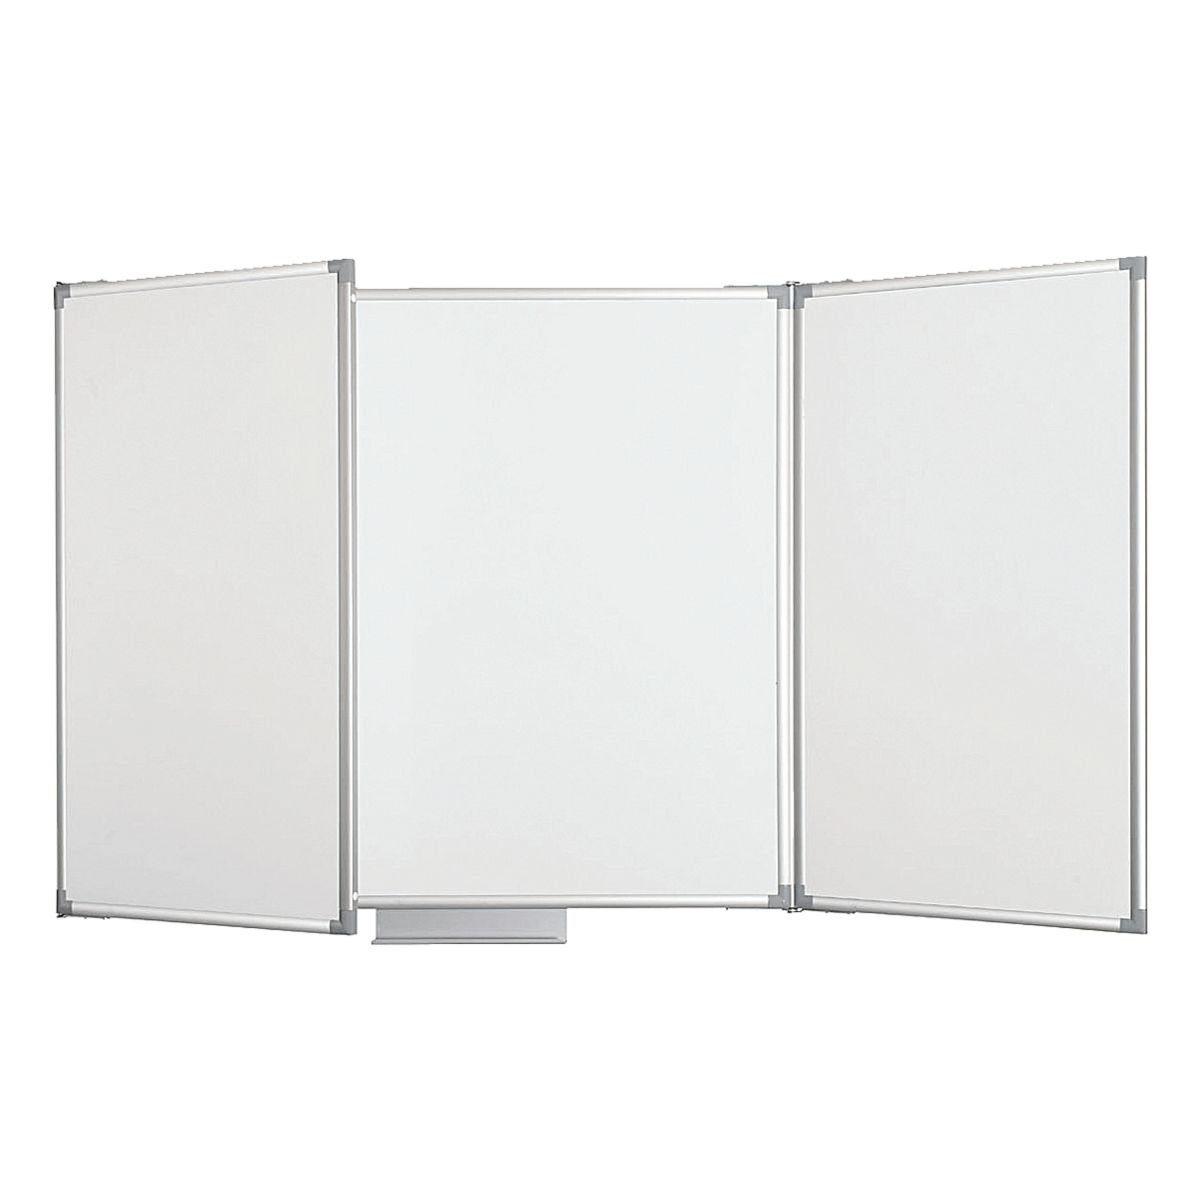 Maul Whiteboard-Klapptafel kunststoffbeschichtet, 240 x 100 cm »6337284«